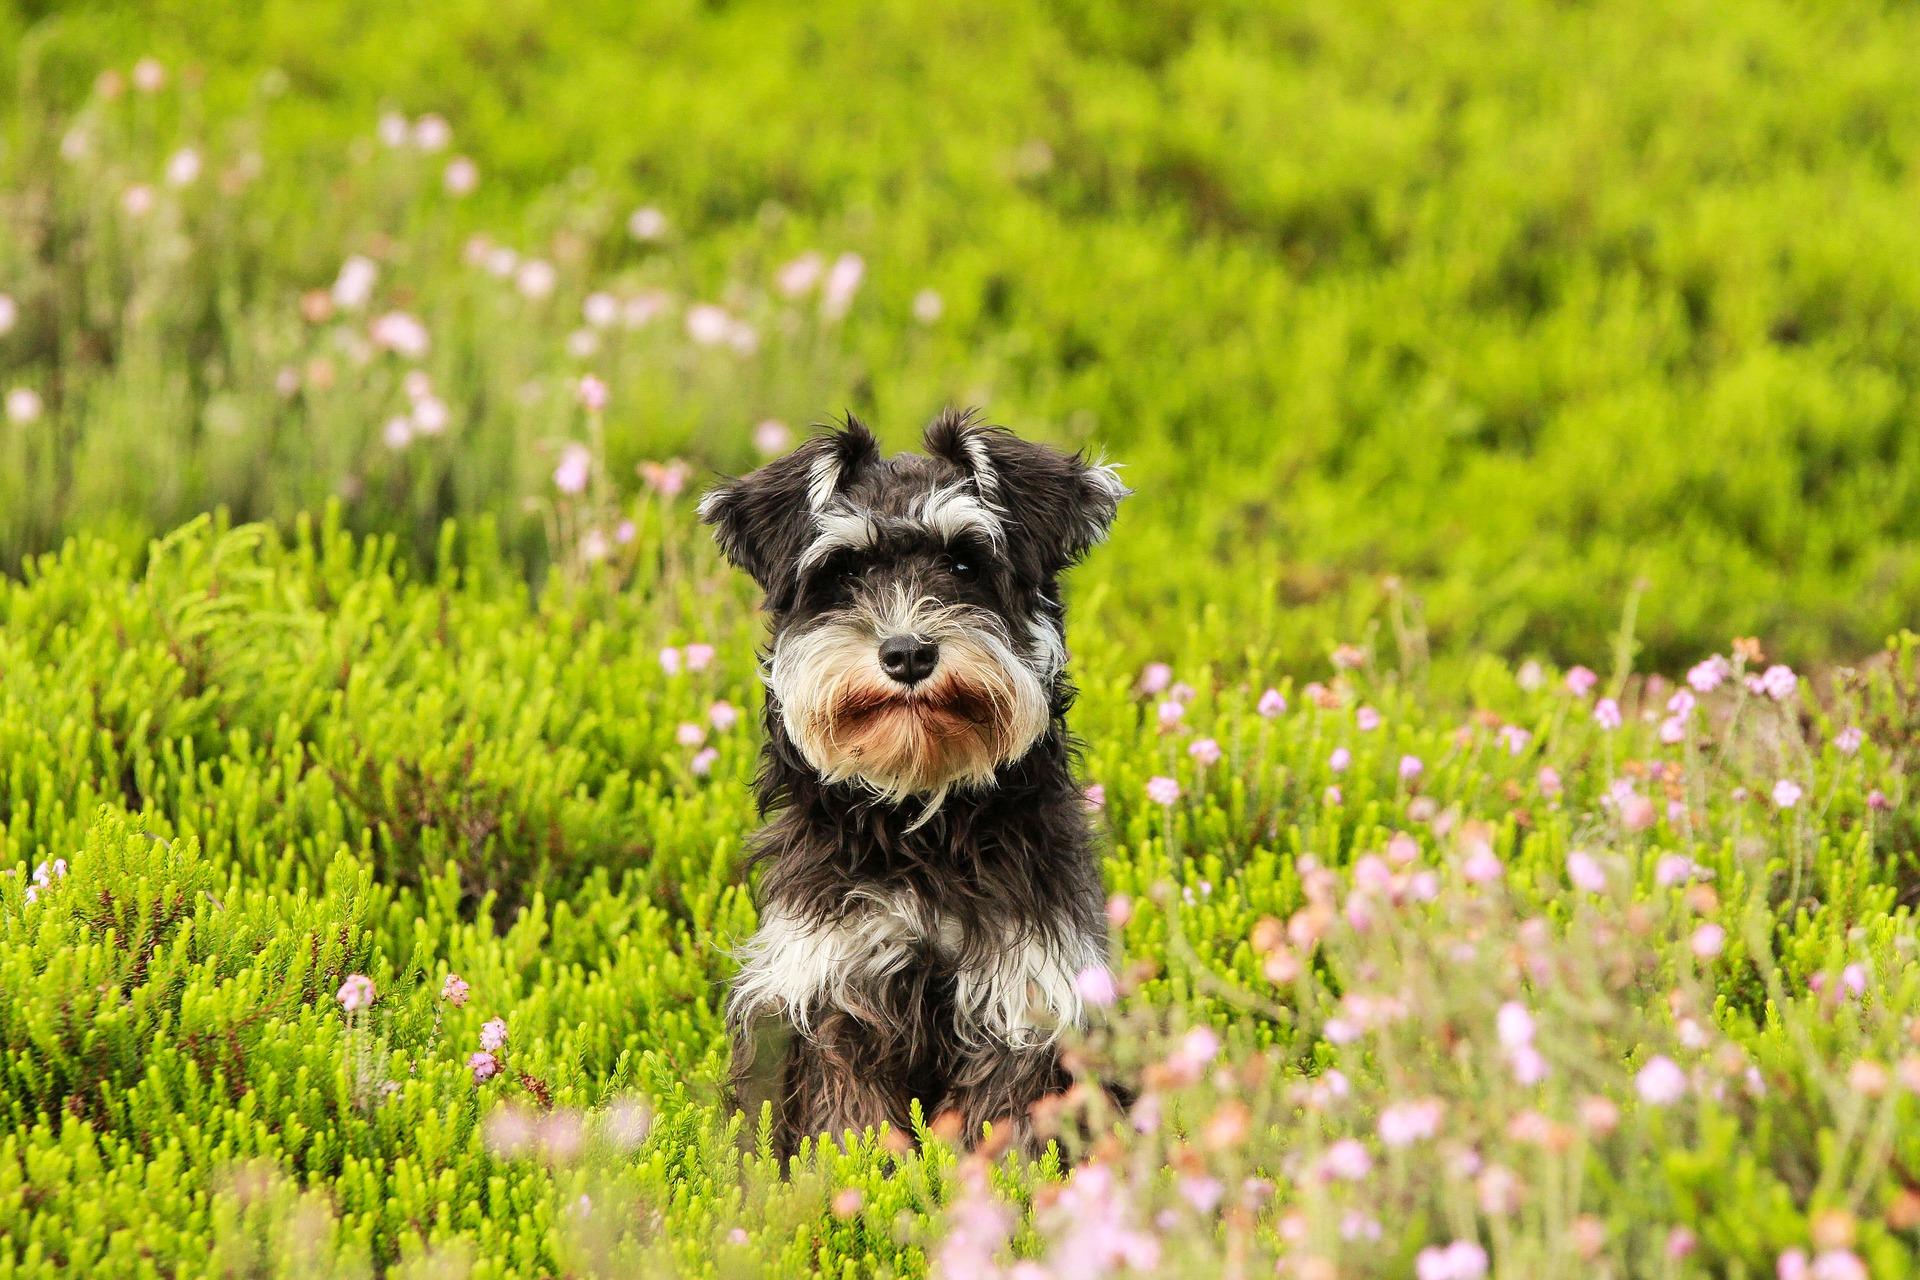 Hond gras